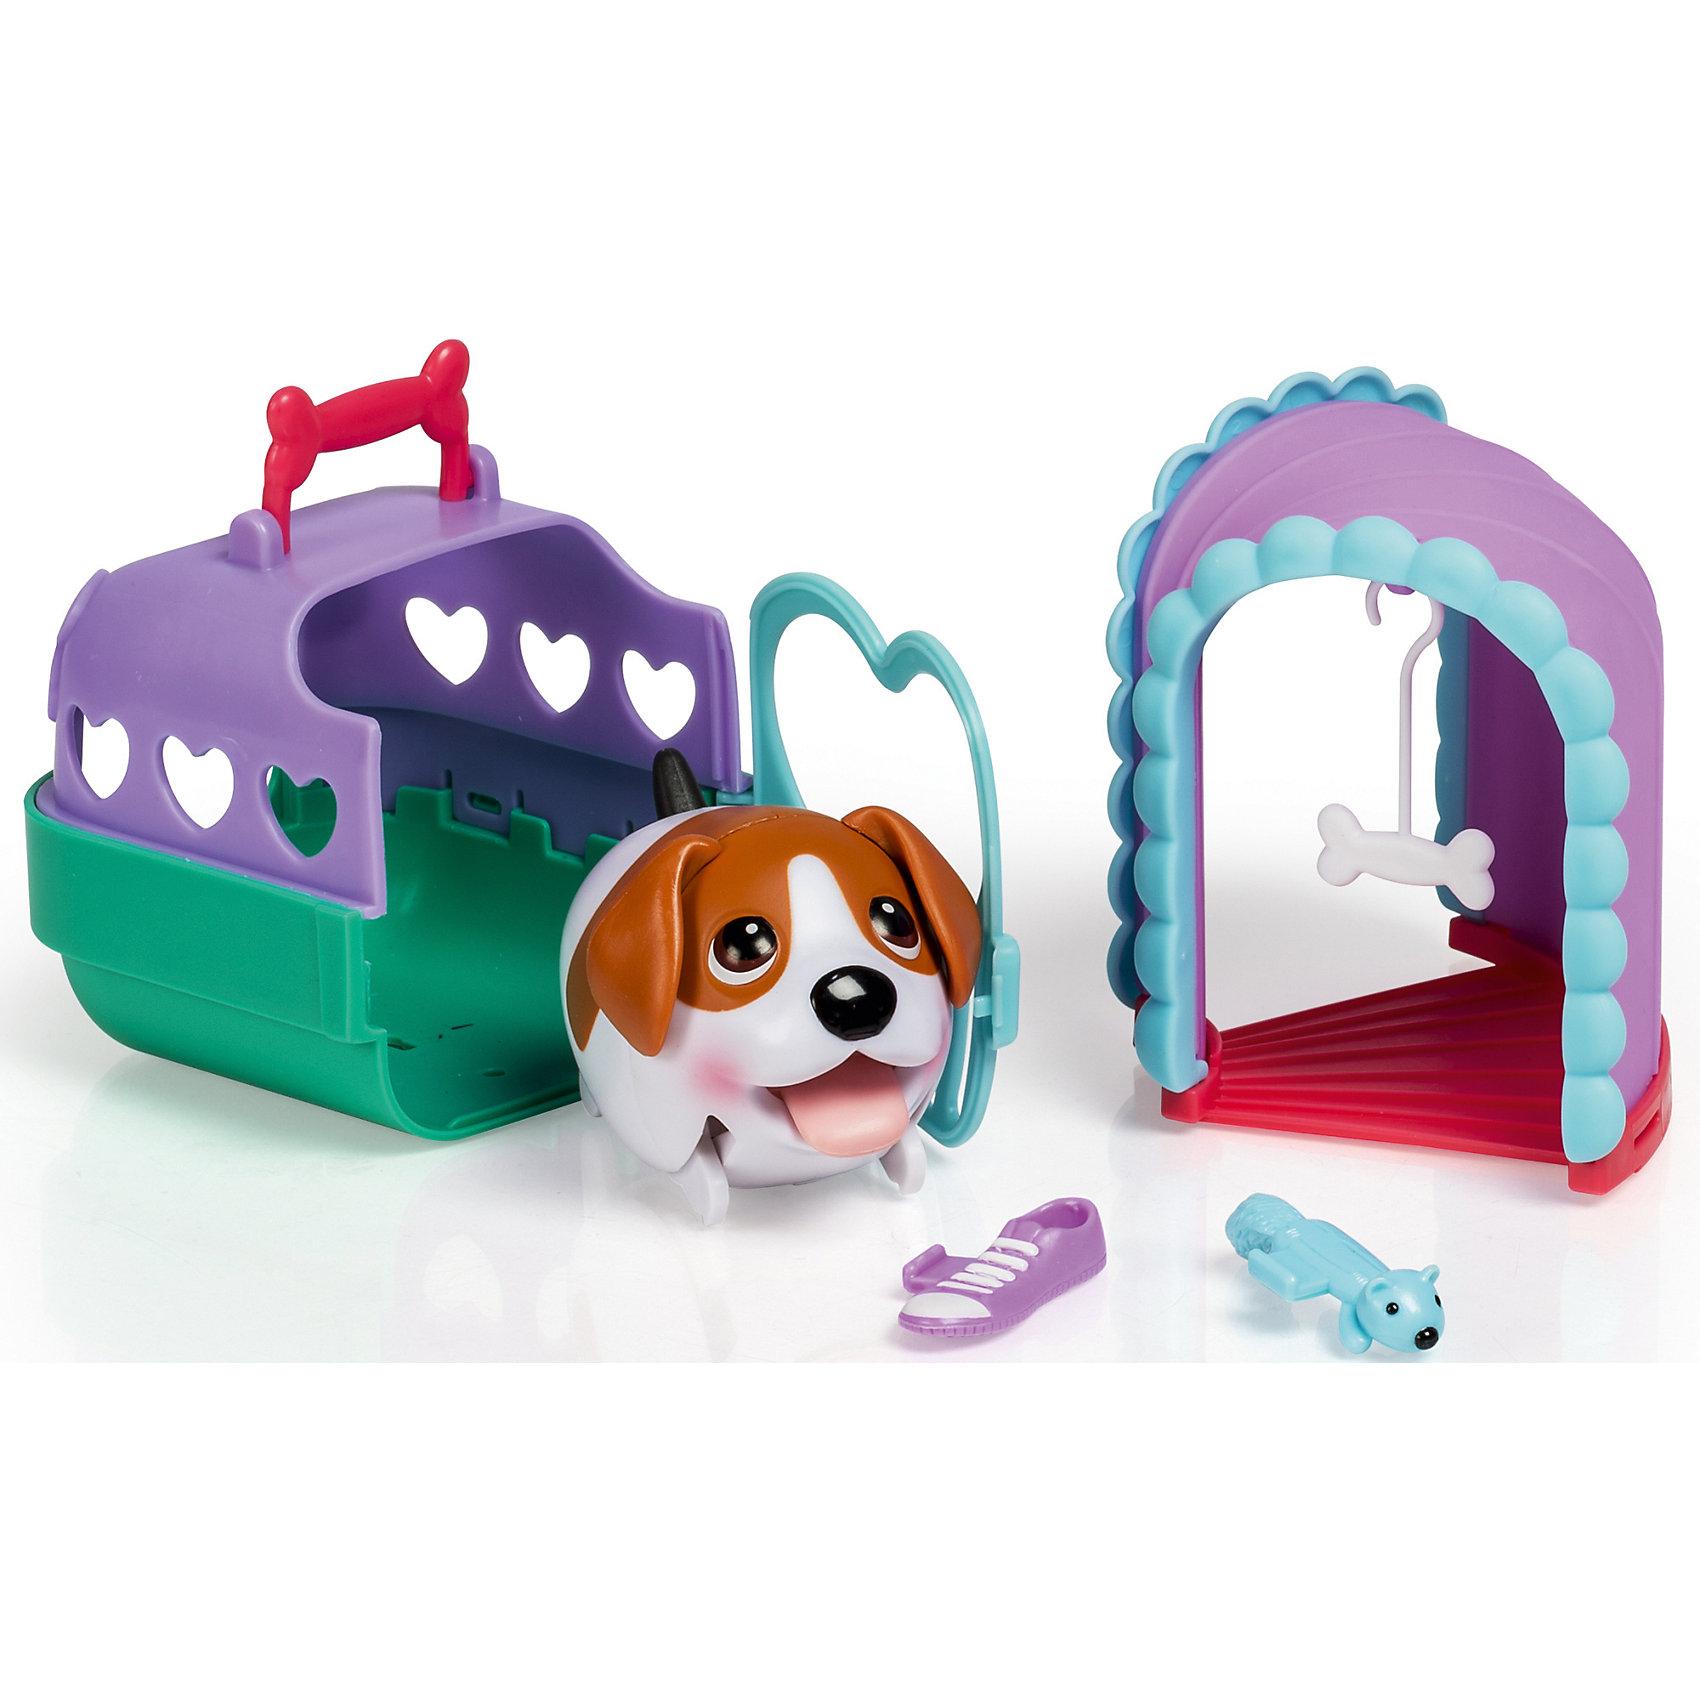 Игровой набор Детская площадка, Chubby PuppiesМир животных<br>Характеристики товара:<br><br>- цвет: разноцветный;<br>- материал: пластик, металл;<br>- комплектация: щенок, домик, аксессуары;<br>- особенности: щенок ходит;<br>- батарейки: 1 х ААА / LR 0.3 1.5 V (мизинчиковые), в комплекте;<br>- размер упаковки: 31х11х15 см;<br>- упаковка: картонная коробка блистерного типа;<br>- вес: 500 г;<br>- страна обладатель бренда: Канада.<br><br>Такой веселый щенок не оставит ребенка равнодушным! Какой малыш откажется поиграть с щенком-игрушкой, который умеет забавно ходить?! Игрушка отлично детализирована, очень качественно выполнена, поэтому она станет отличным подарком ребенку. В наборе идет домик и аксессуары для щенка.<br>Изделие произведено из высококачественного материала, безопасного для детей.<br><br>Игровой набор Детская площадка от бренда Chubby Puppies можно купить в нашем интернет-магазине.<br><br>Ширина мм: 110<br>Глубина мм: 150<br>Высота мм: 310<br>Вес г: 506<br>Возраст от месяцев: 36<br>Возраст до месяцев: 2147483647<br>Пол: Унисекс<br>Возраст: Детский<br>SKU: 5039854